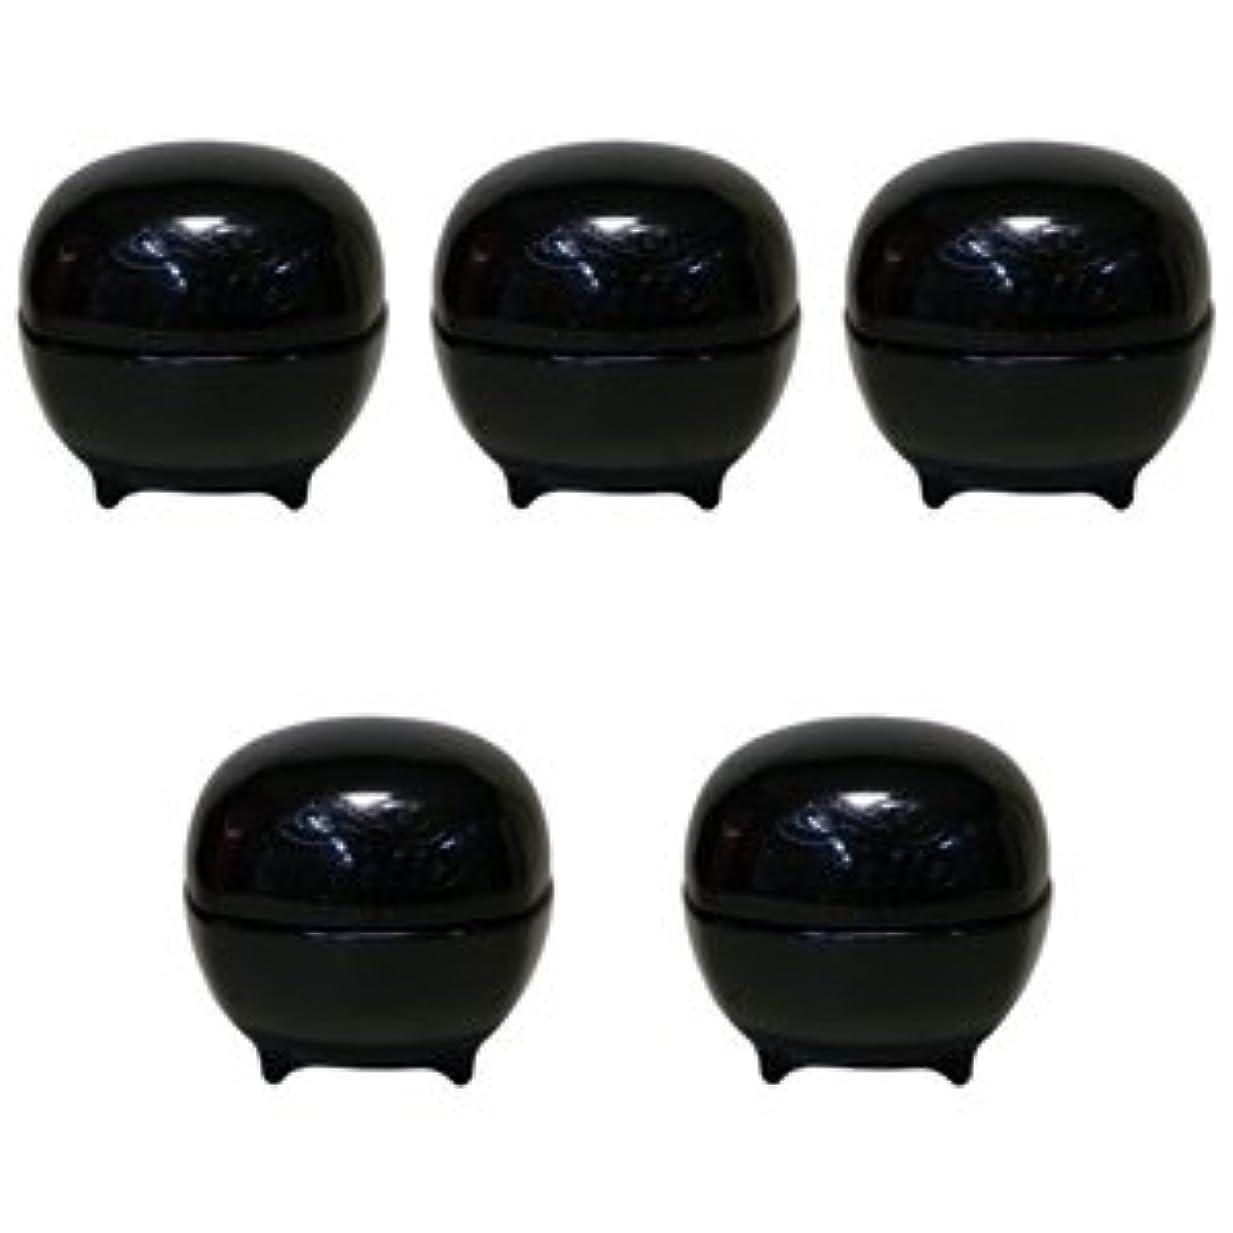 よりきつくバスト【X5個セット】 ミルボン ニゼル グラスプワックス 80g (ニゼルドレシアコレクション) GRASP WAX MILBON